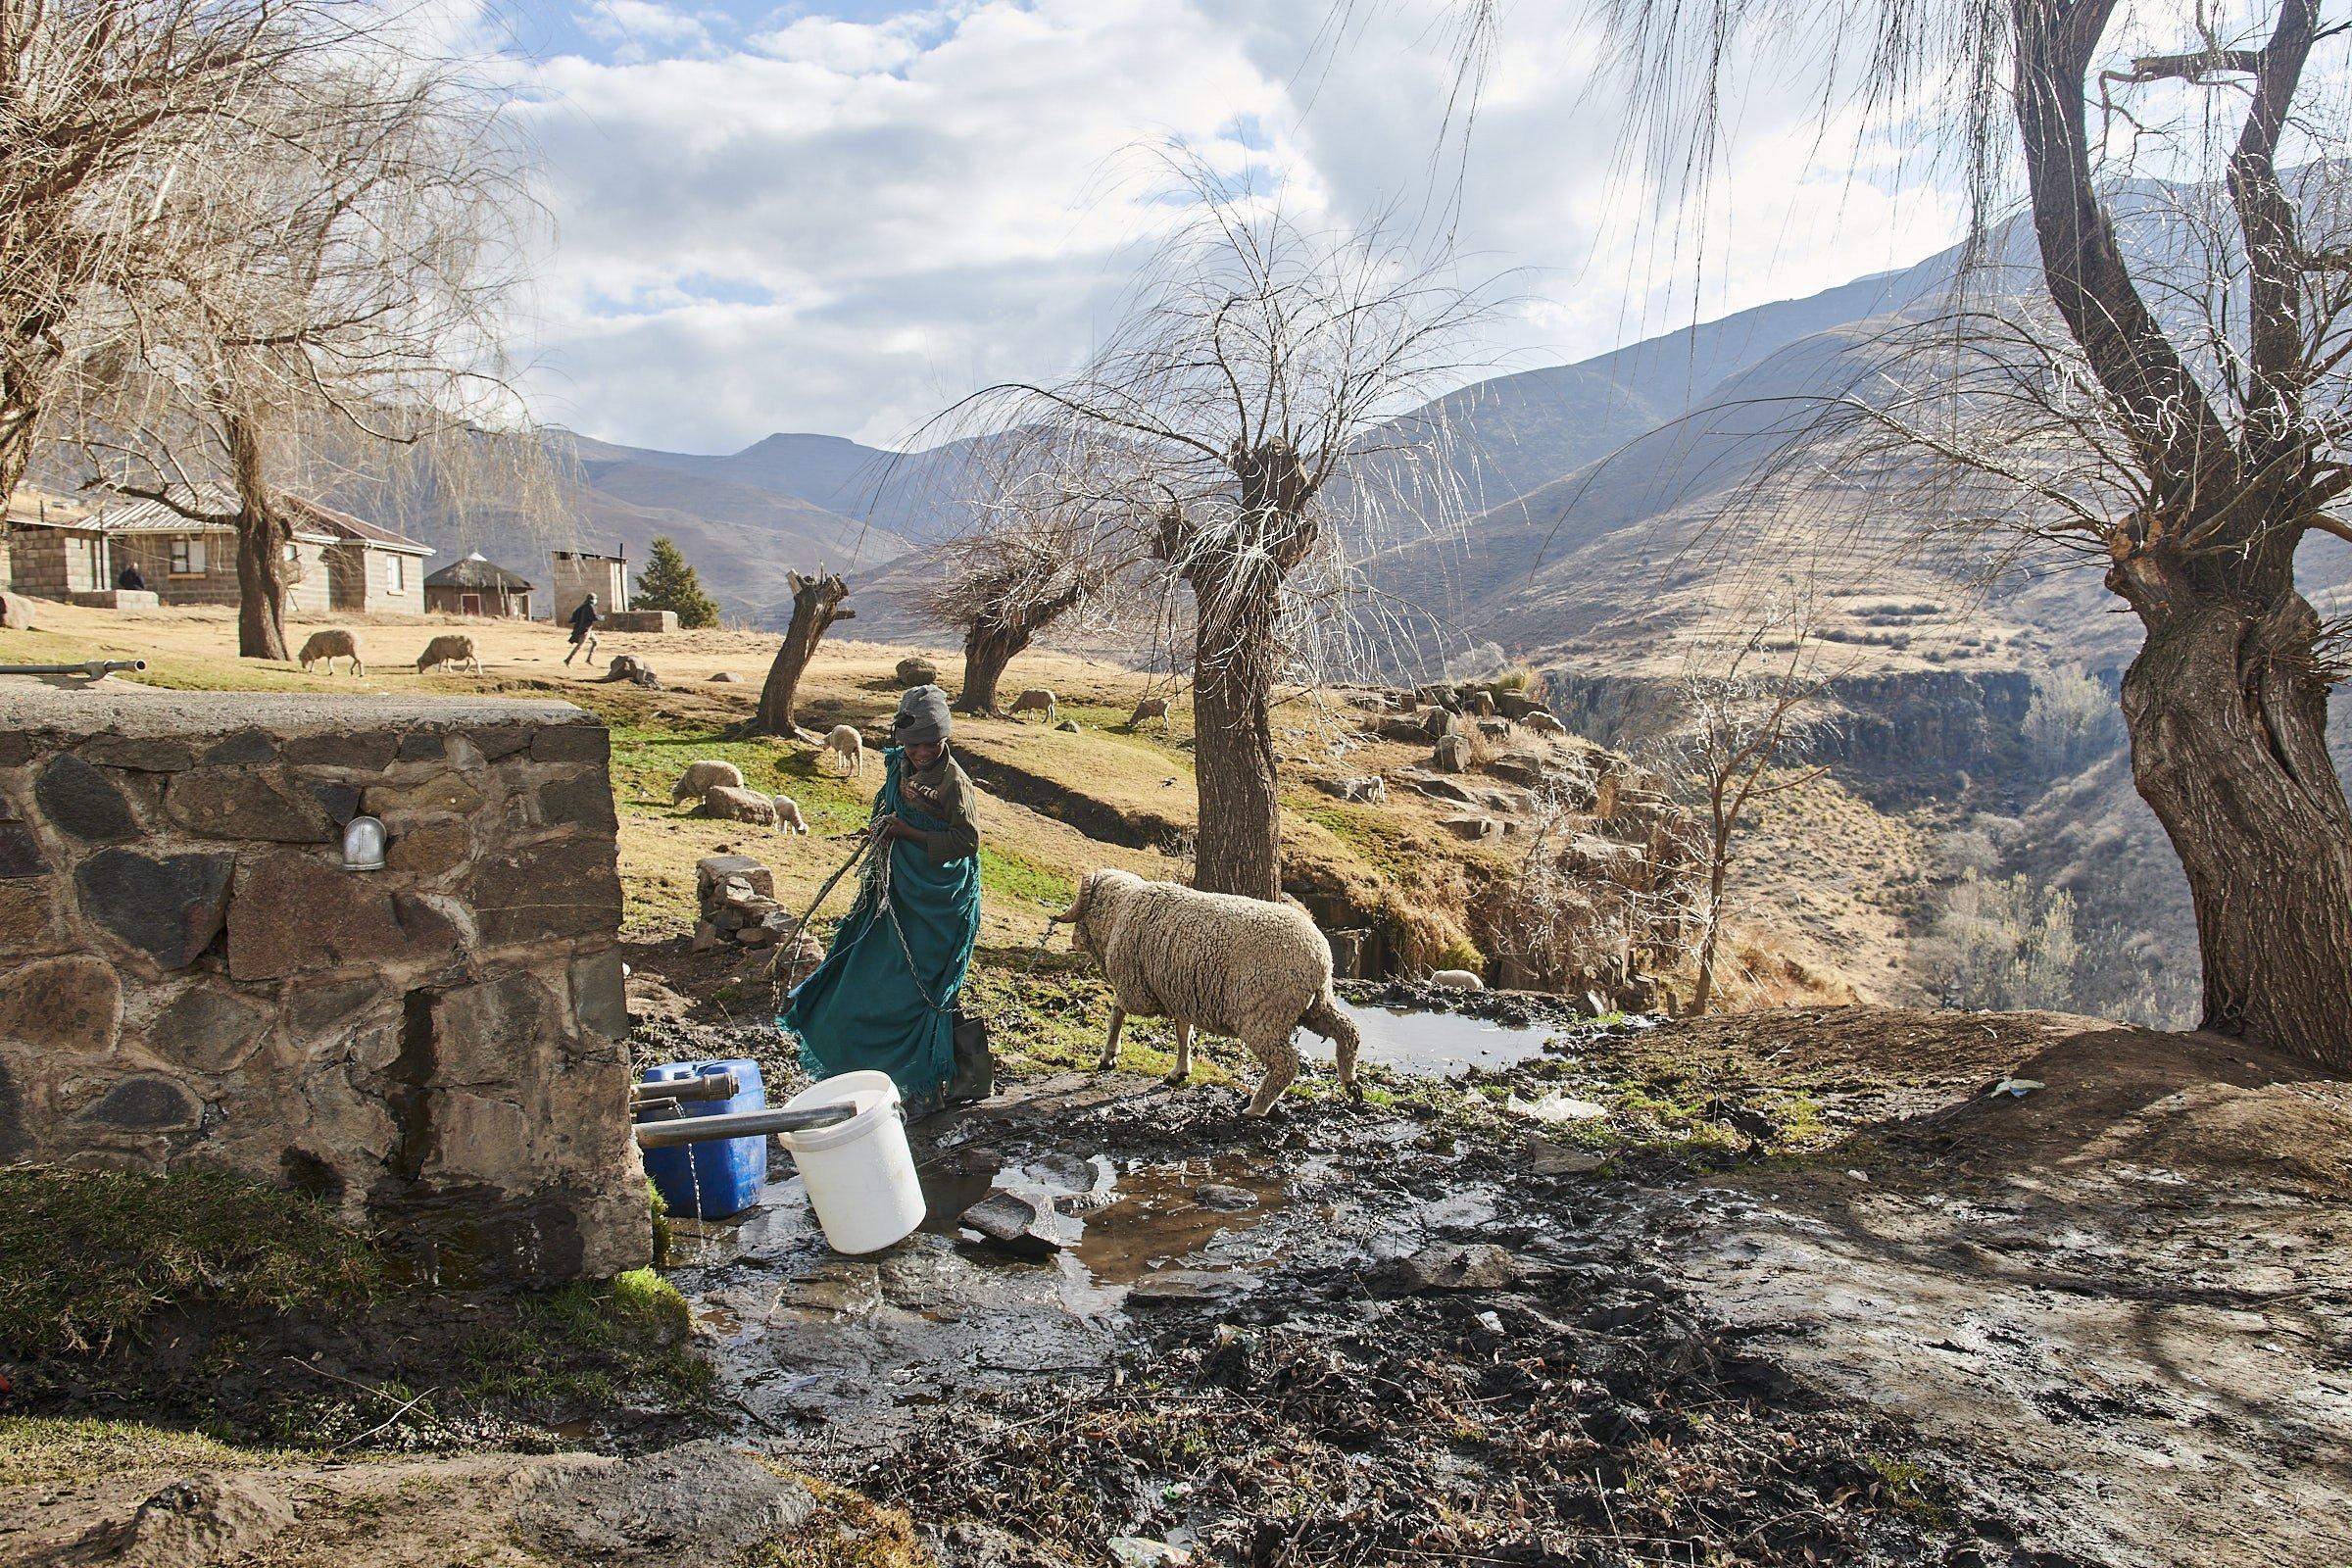 Ein Hirtenjunge und sein Schaf gehen durch den Matsch an der Wasserquelle vorbei